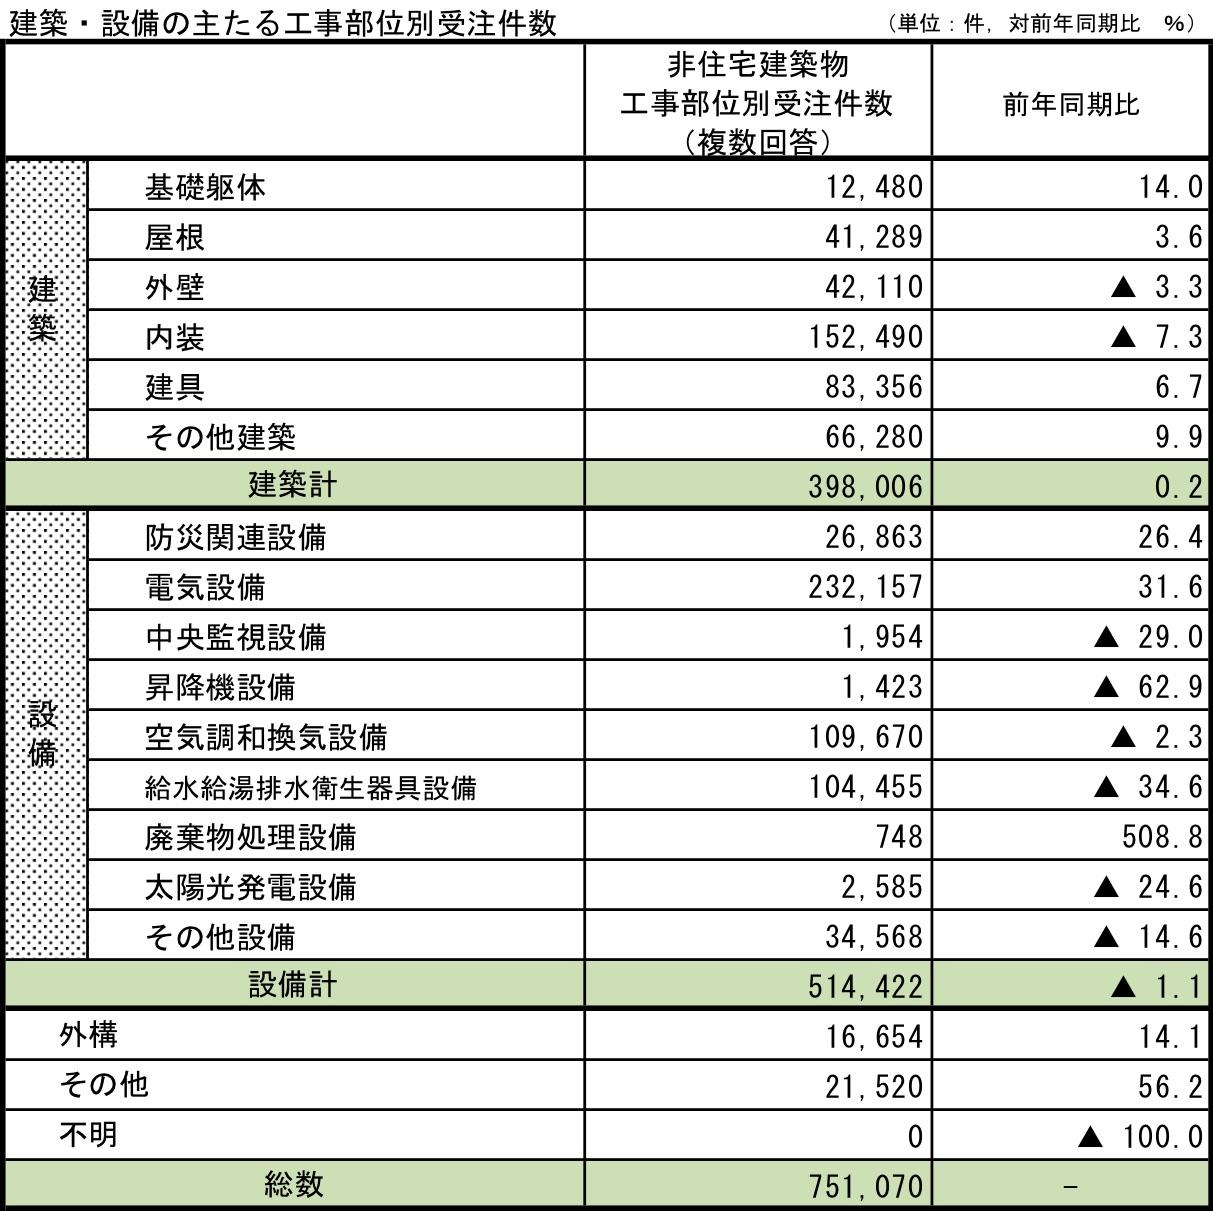 9建築・設備の主たる工事部位別受注件数